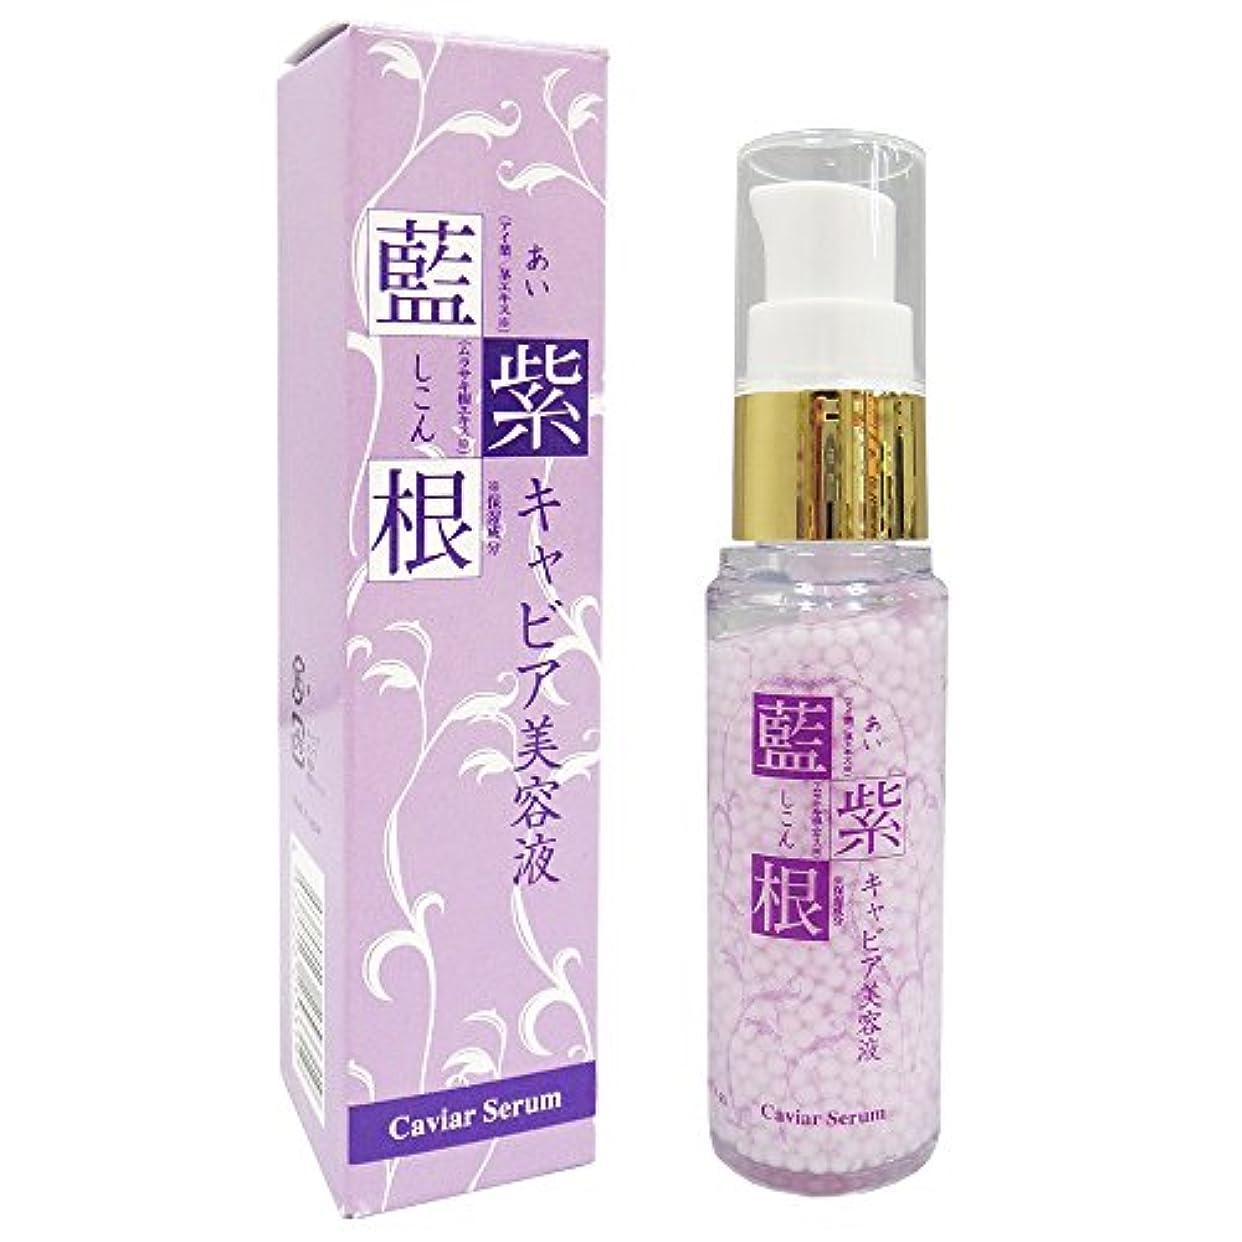 使い込む高揚したレイプ藍と紫根のキャビア美容液 30g